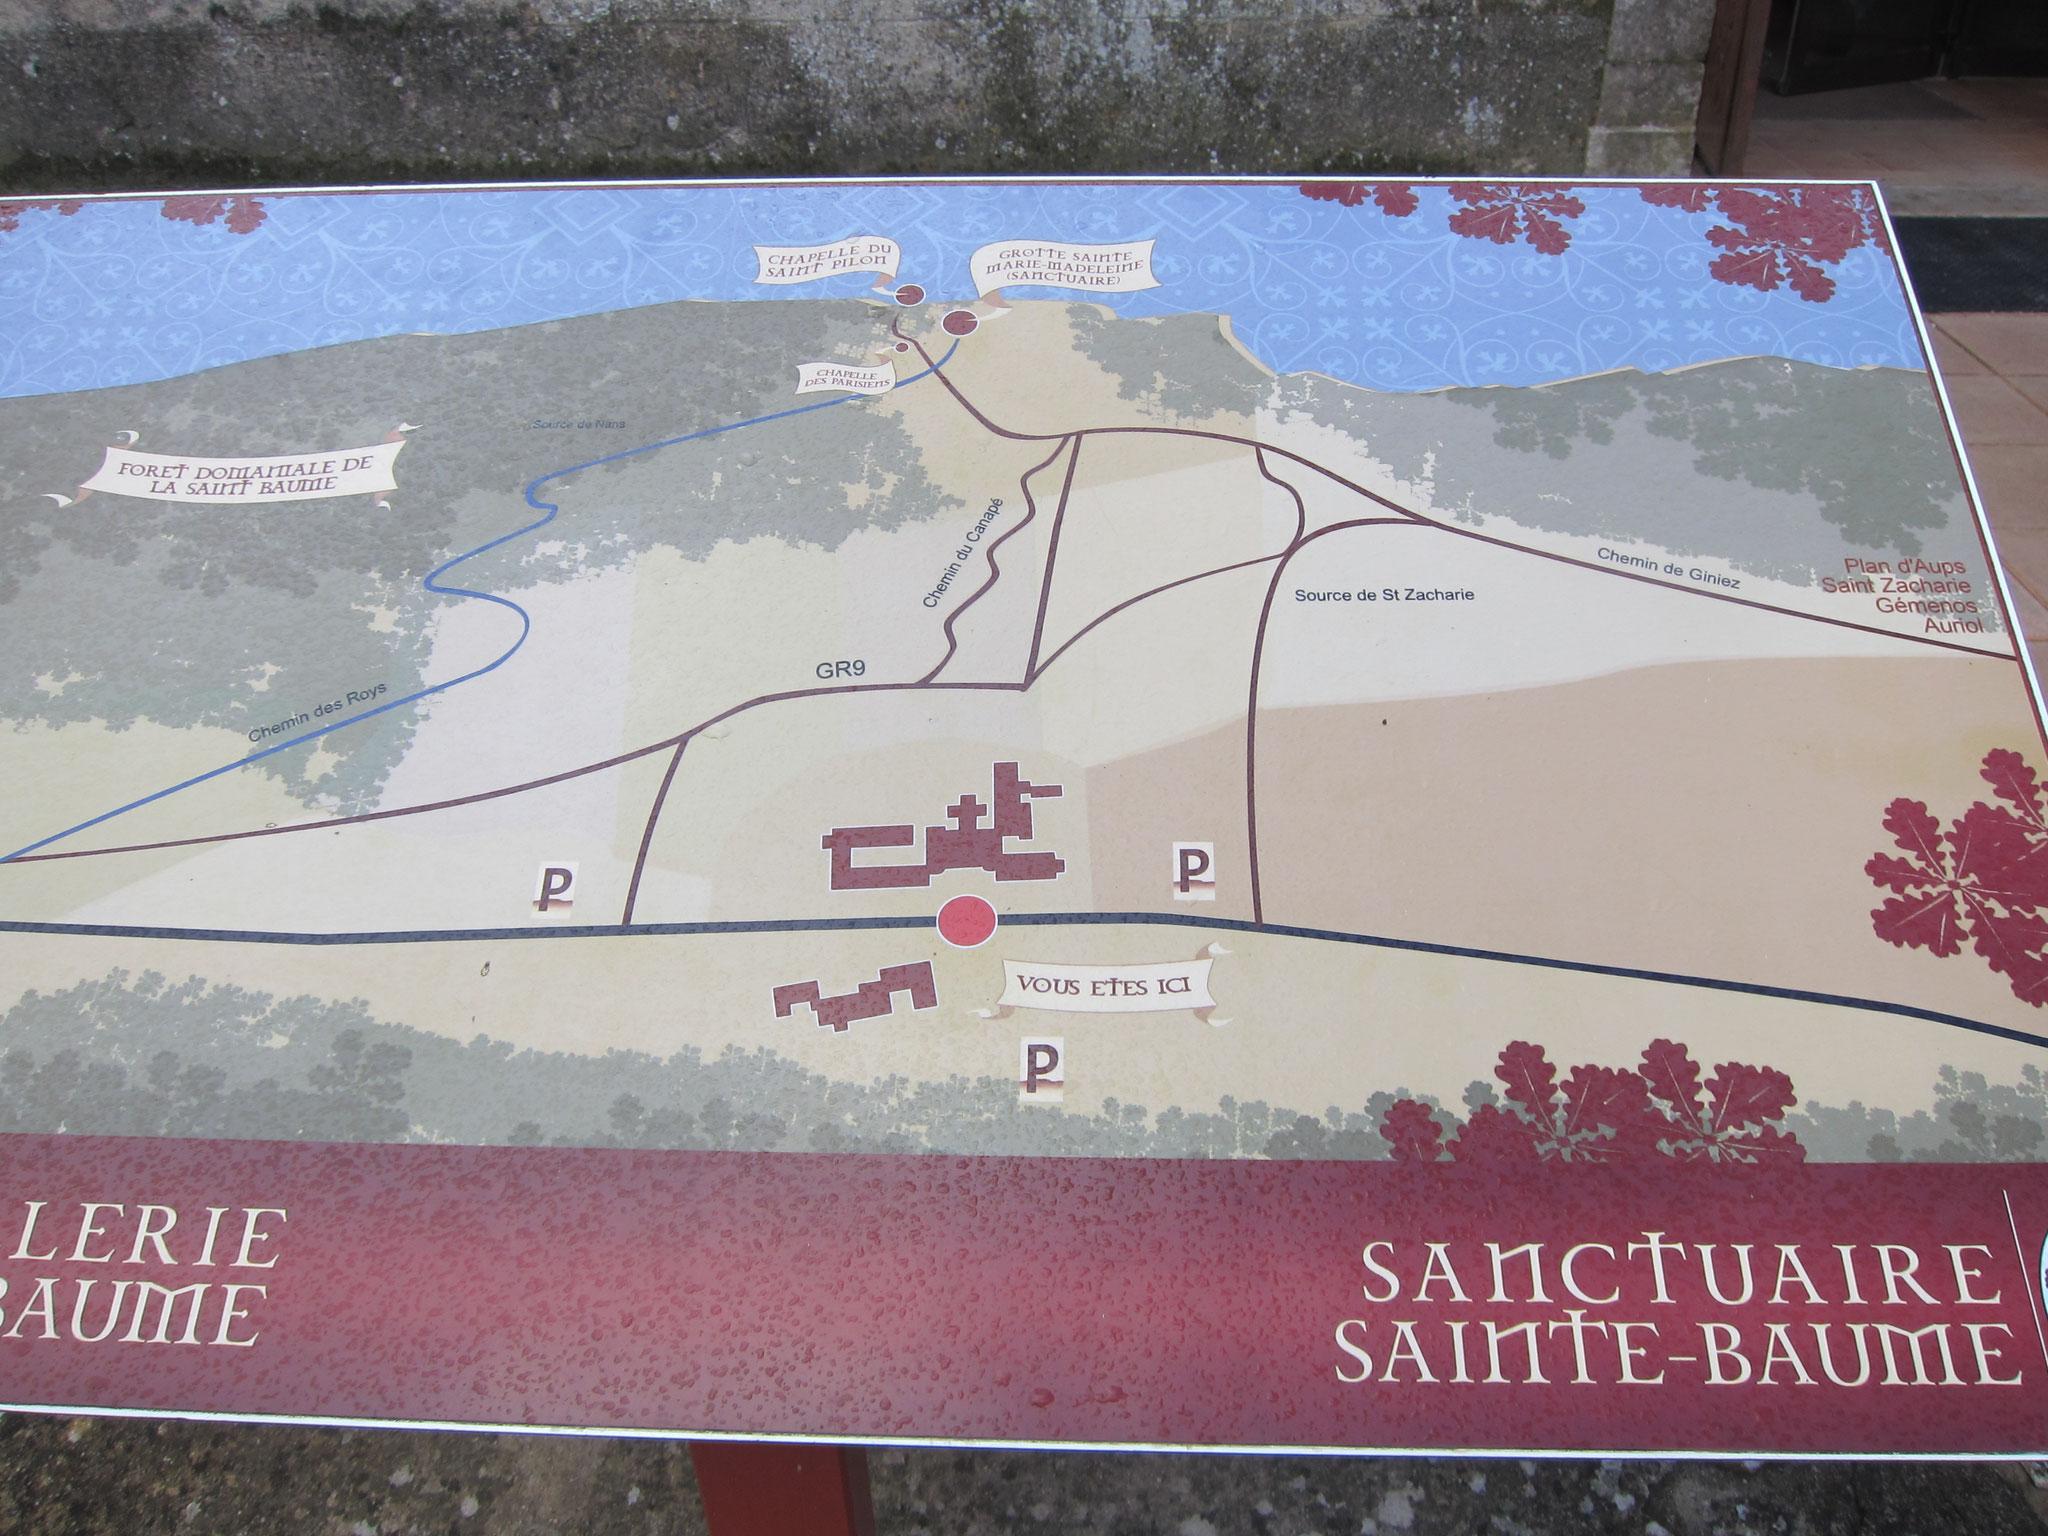 セントバウムに行く地図